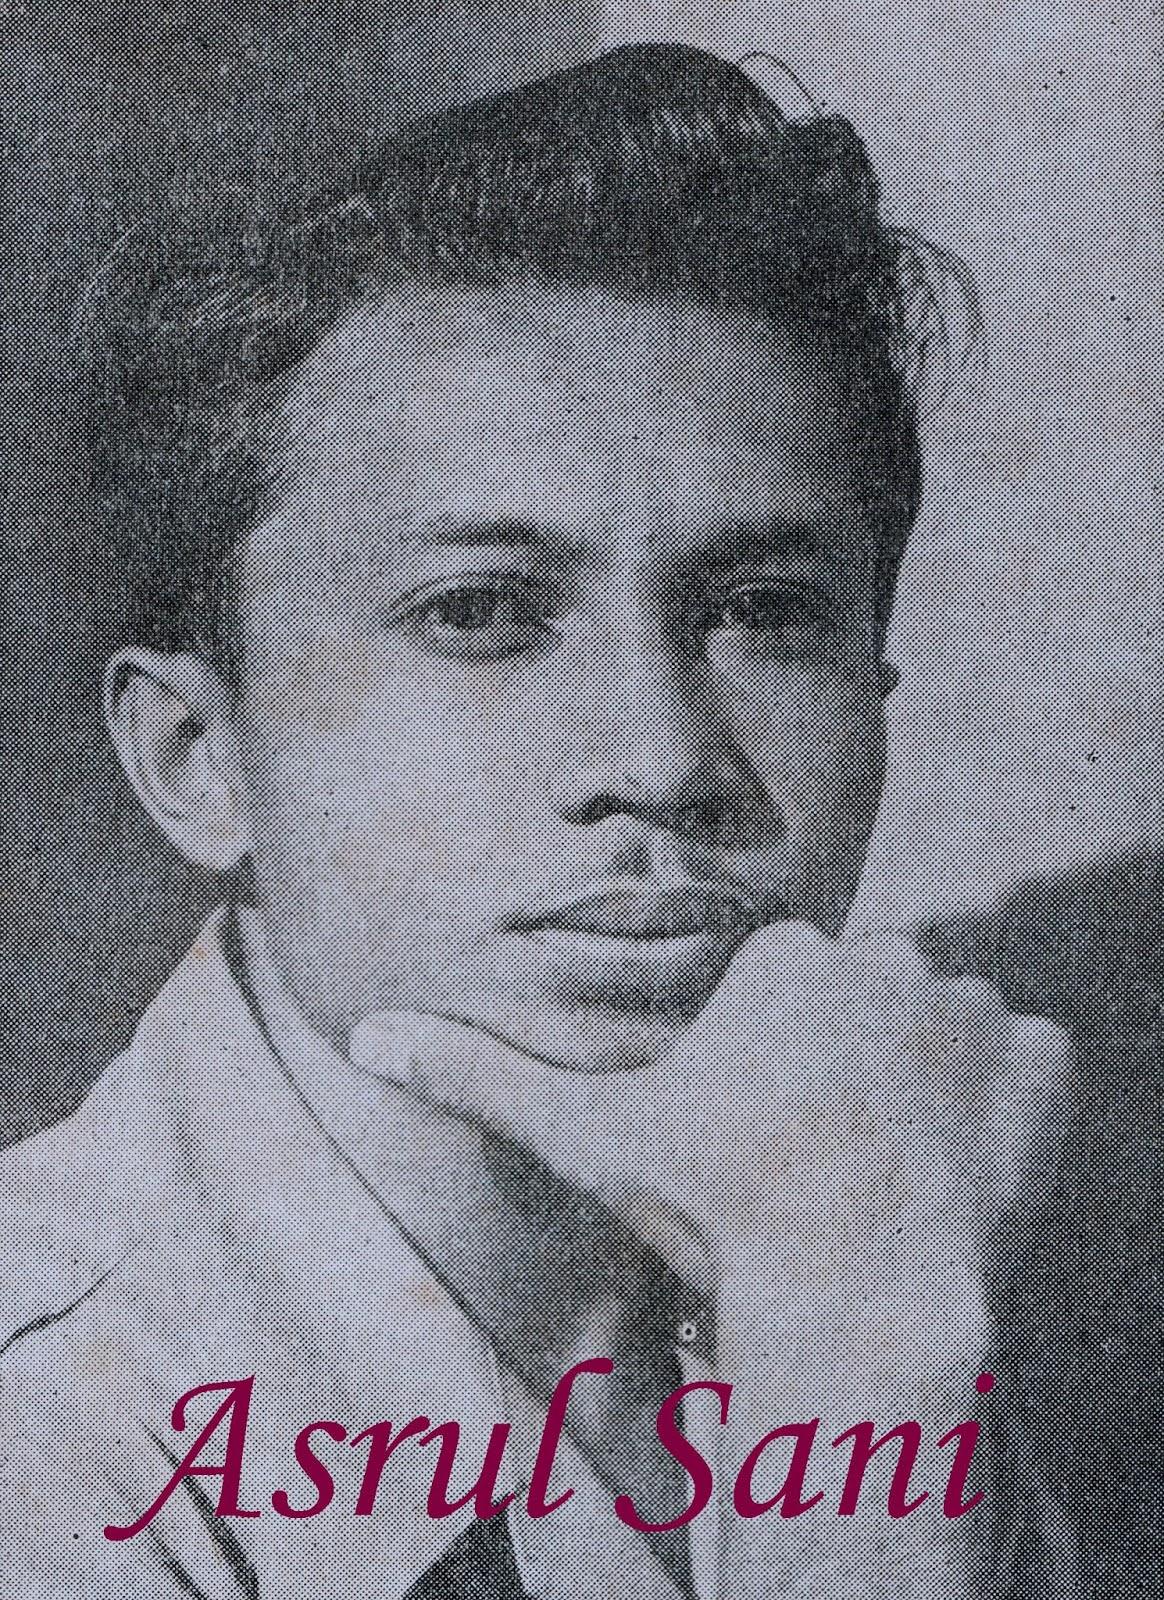 Puisi 45 : puisi, Contoh, Puisi, Asrul, Karya, Sastra, Puisi,, Cerpen,, Drama, Lainnya